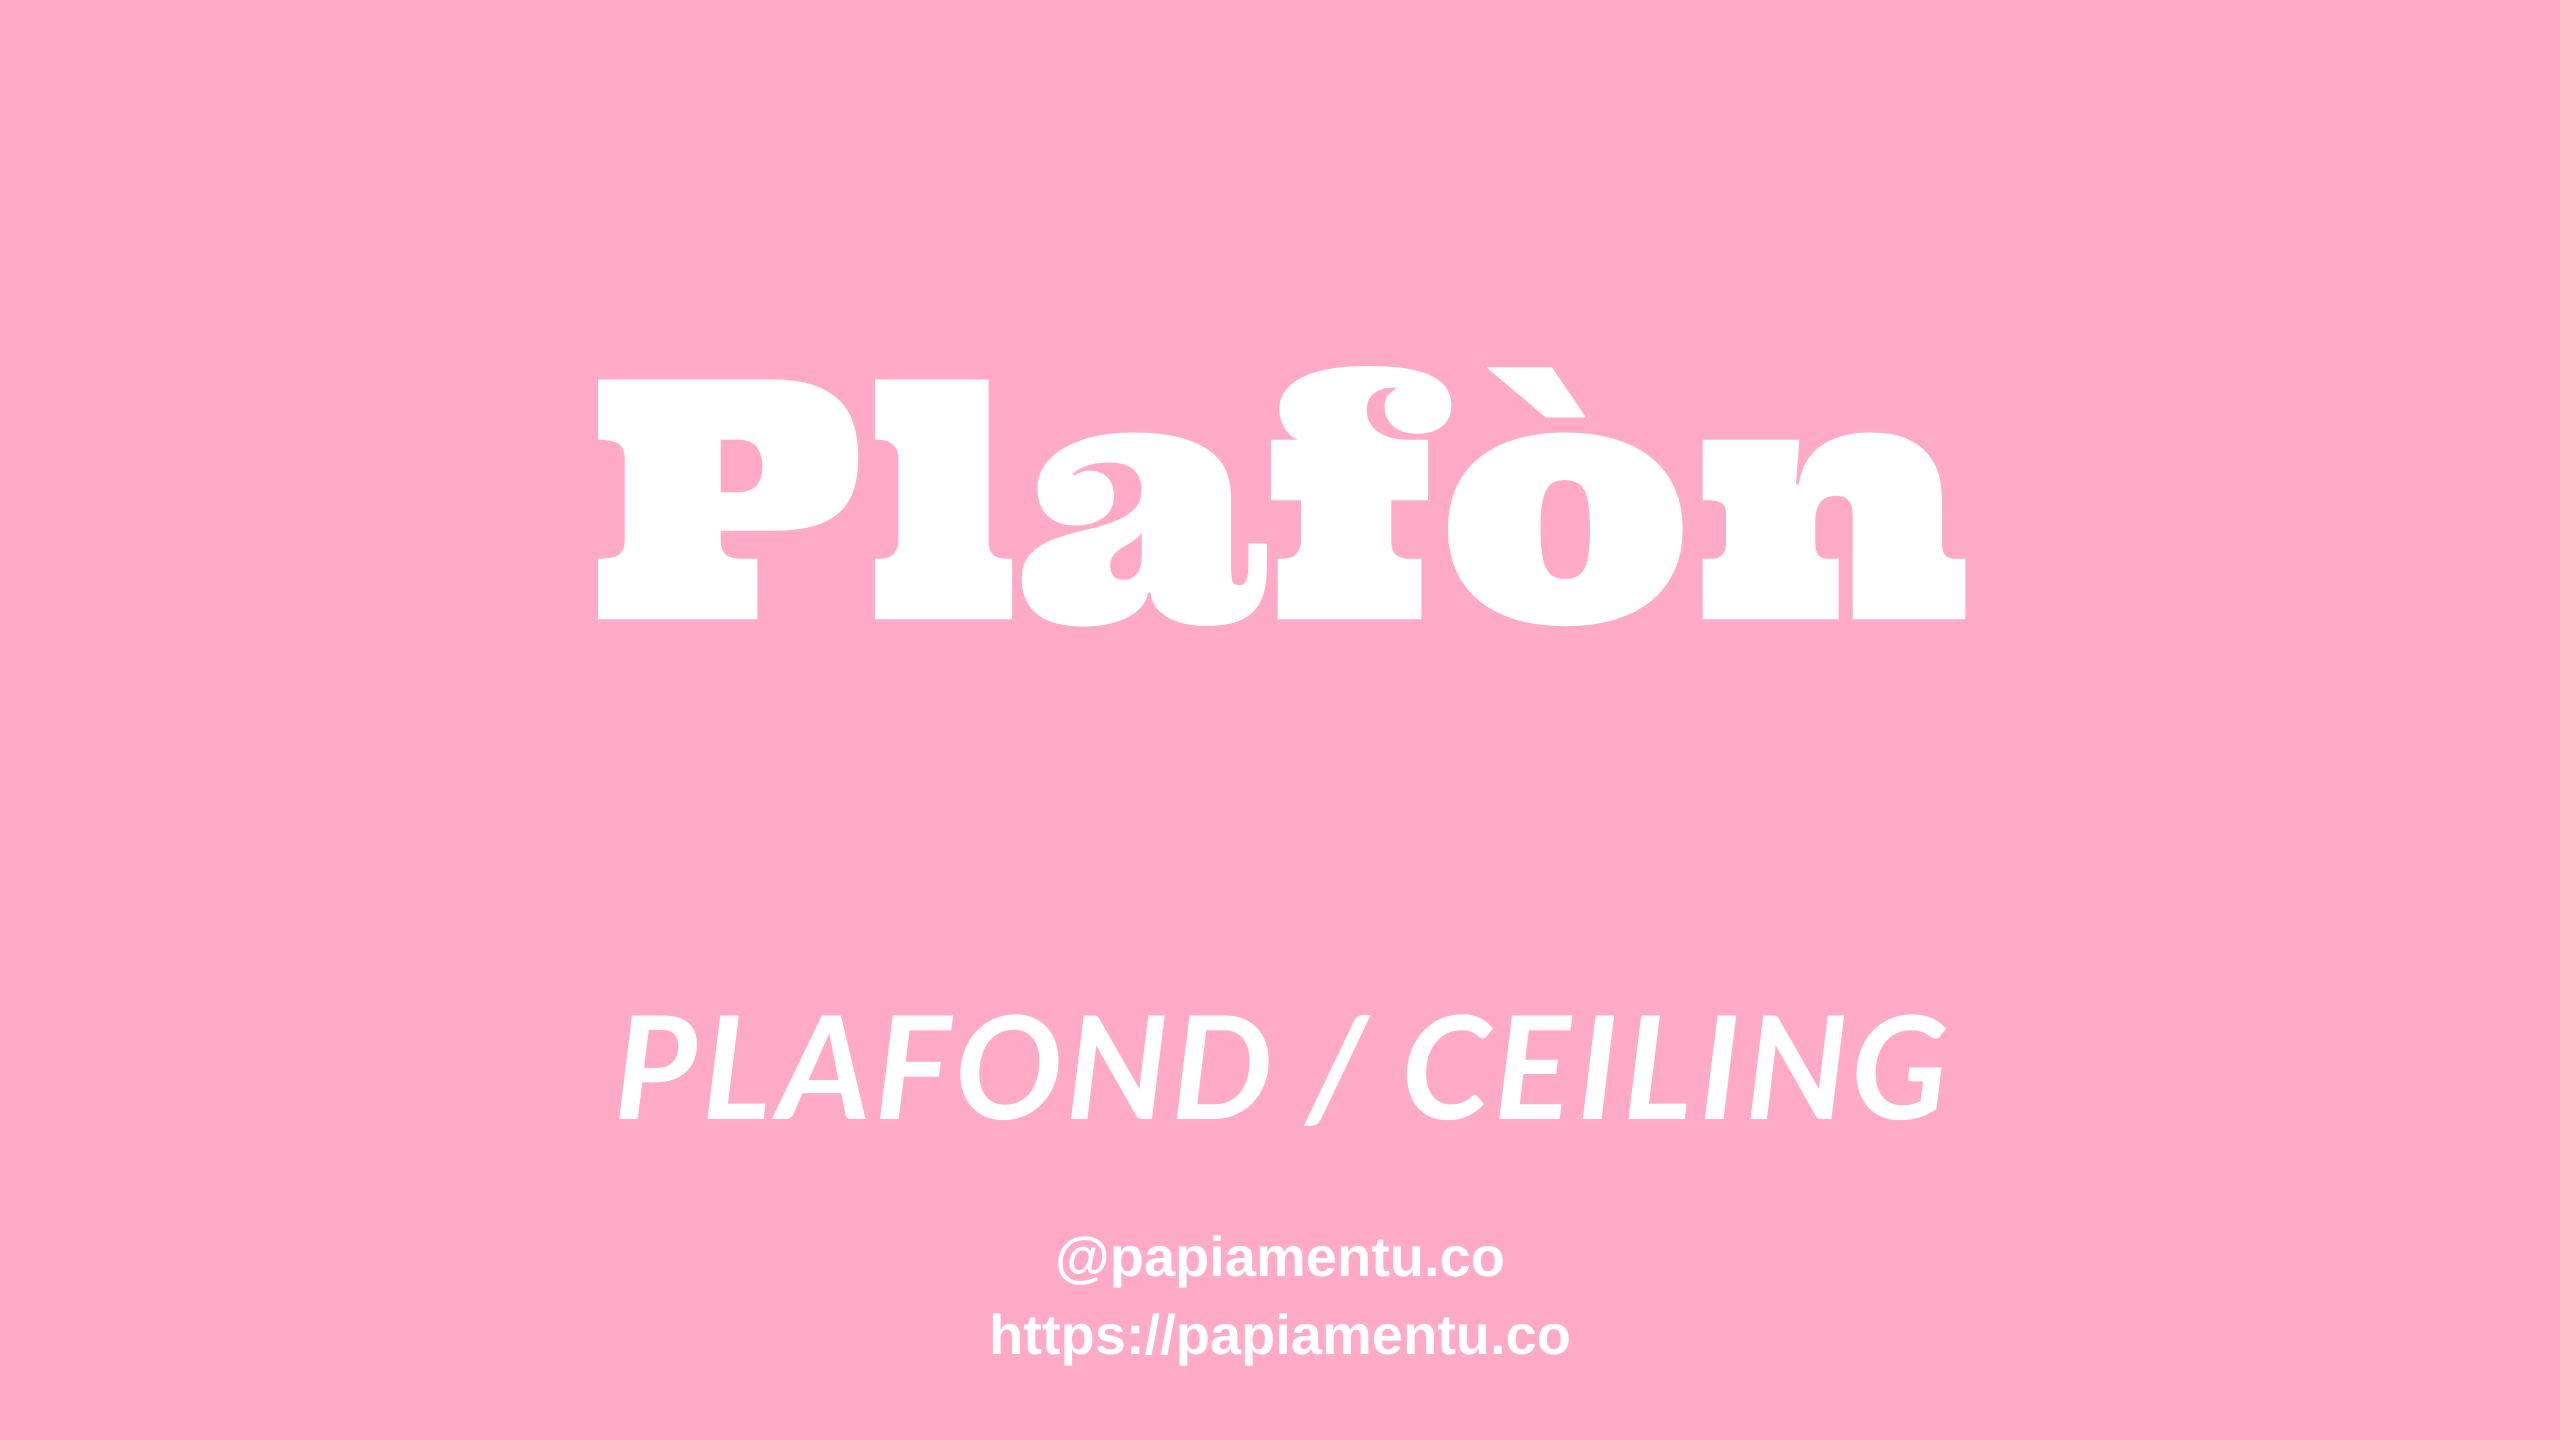 Plafond in het papiaments - Papiamentu -ceiling